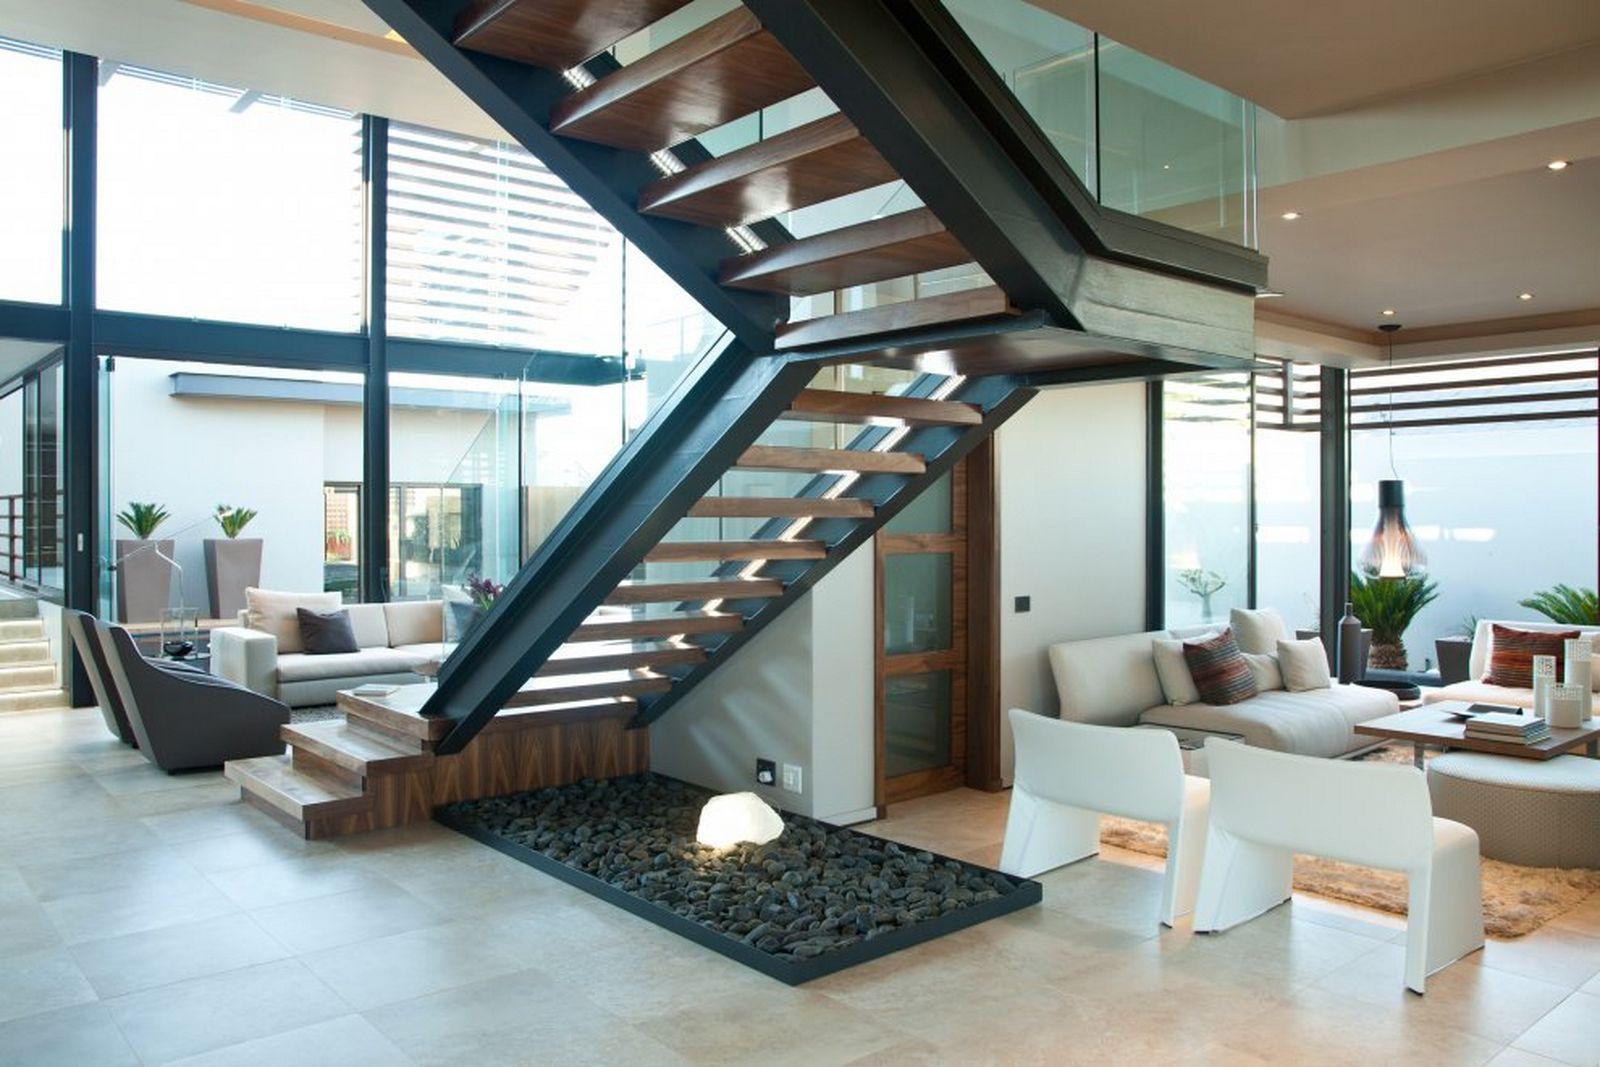 Tư vấn thiết kế cầu thang nhà phố đẹp